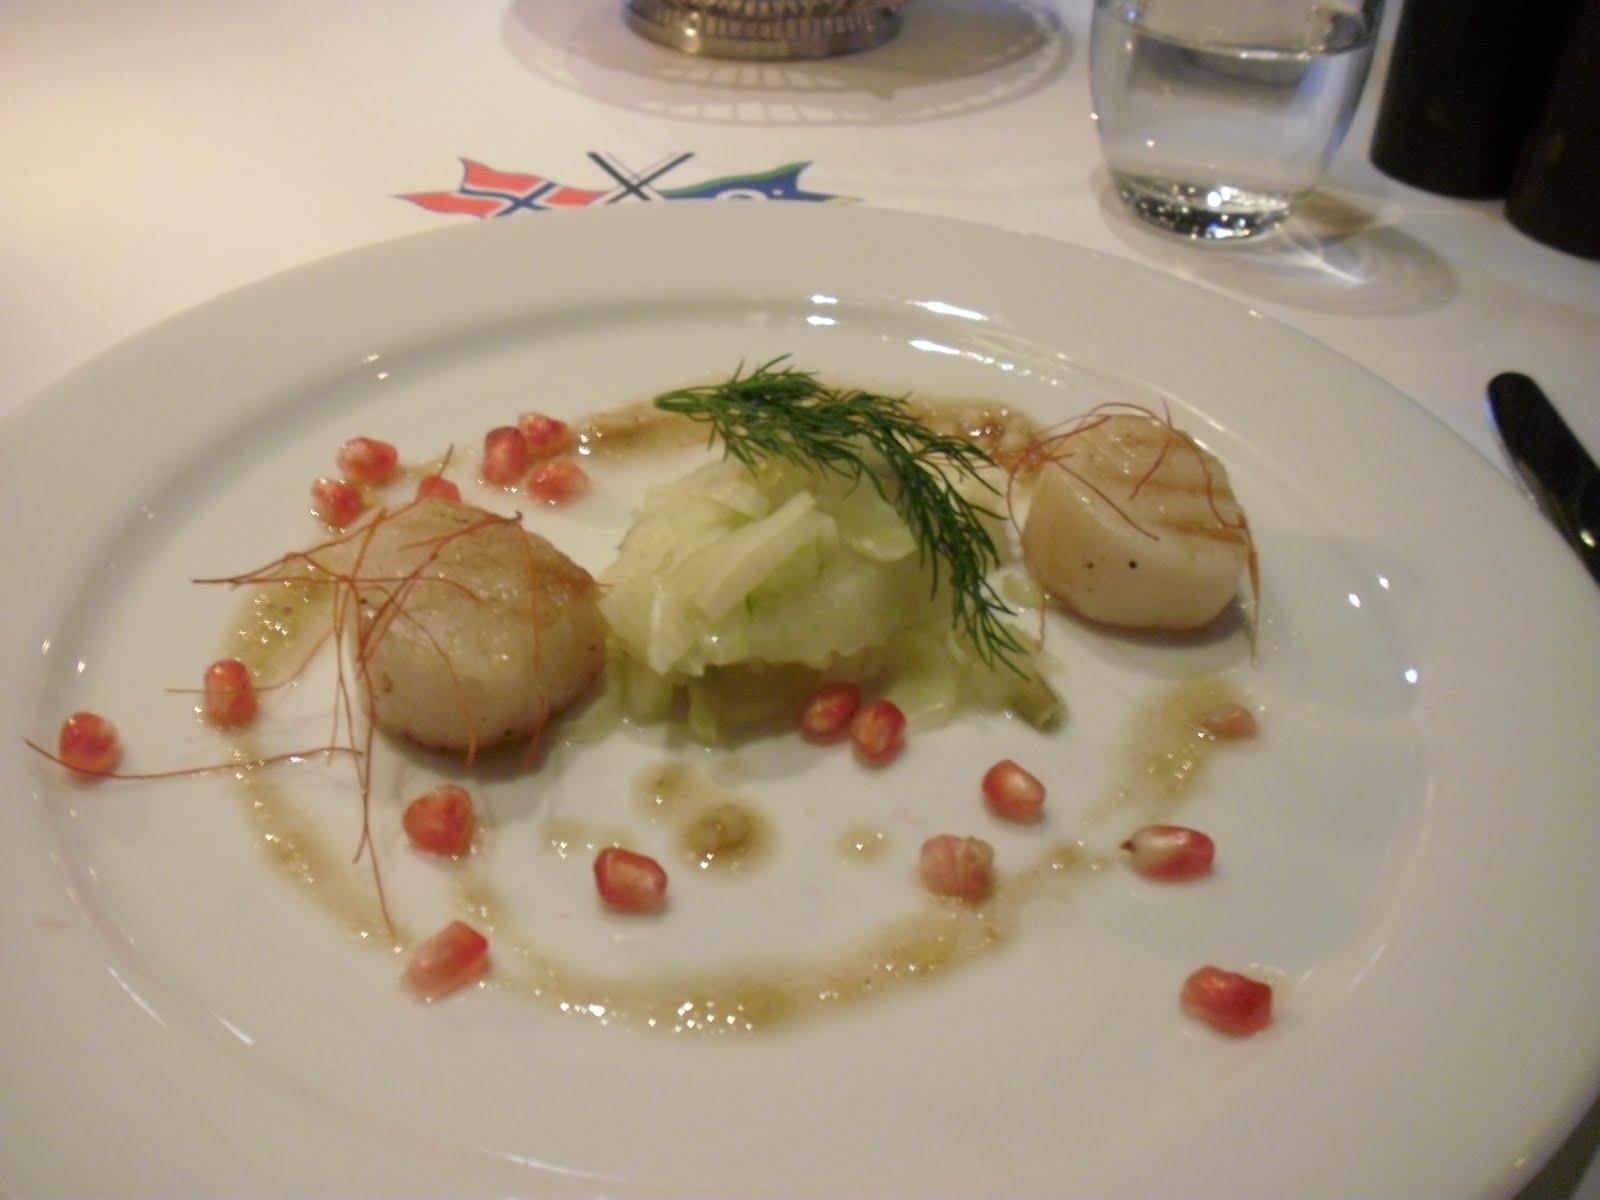 Meniu servit la unul din  restaurantele din Oslo Opera House